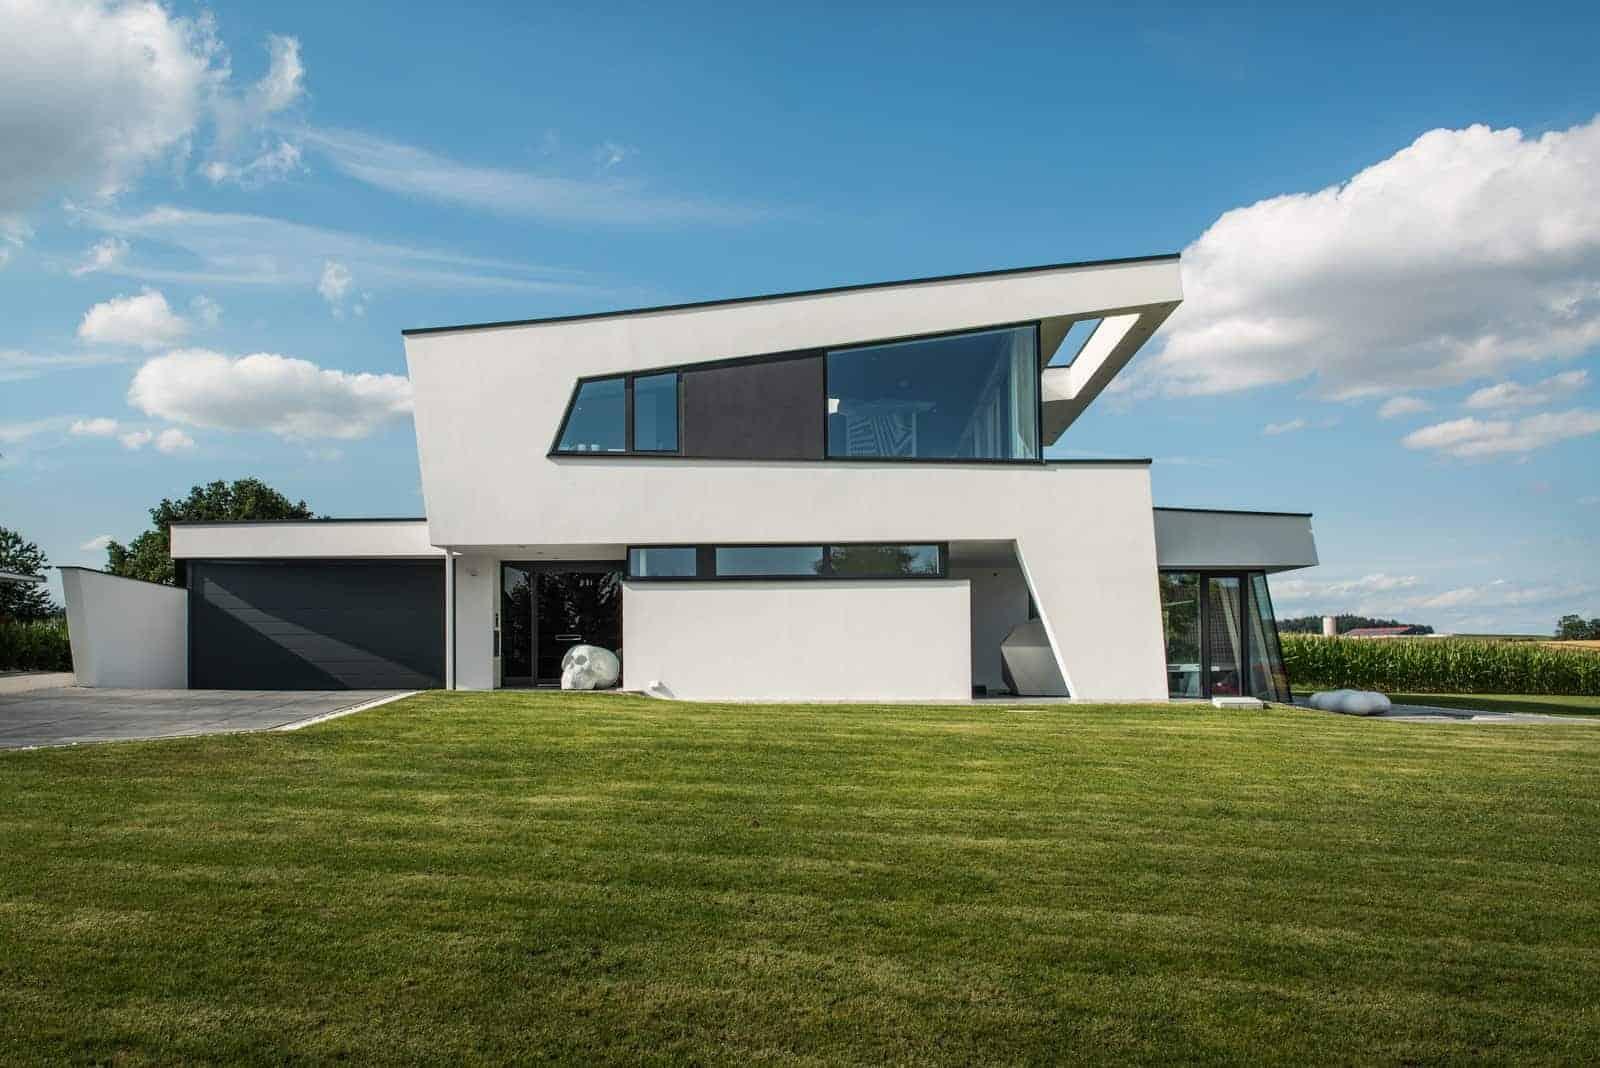 Architektenhaus Pultdach modern